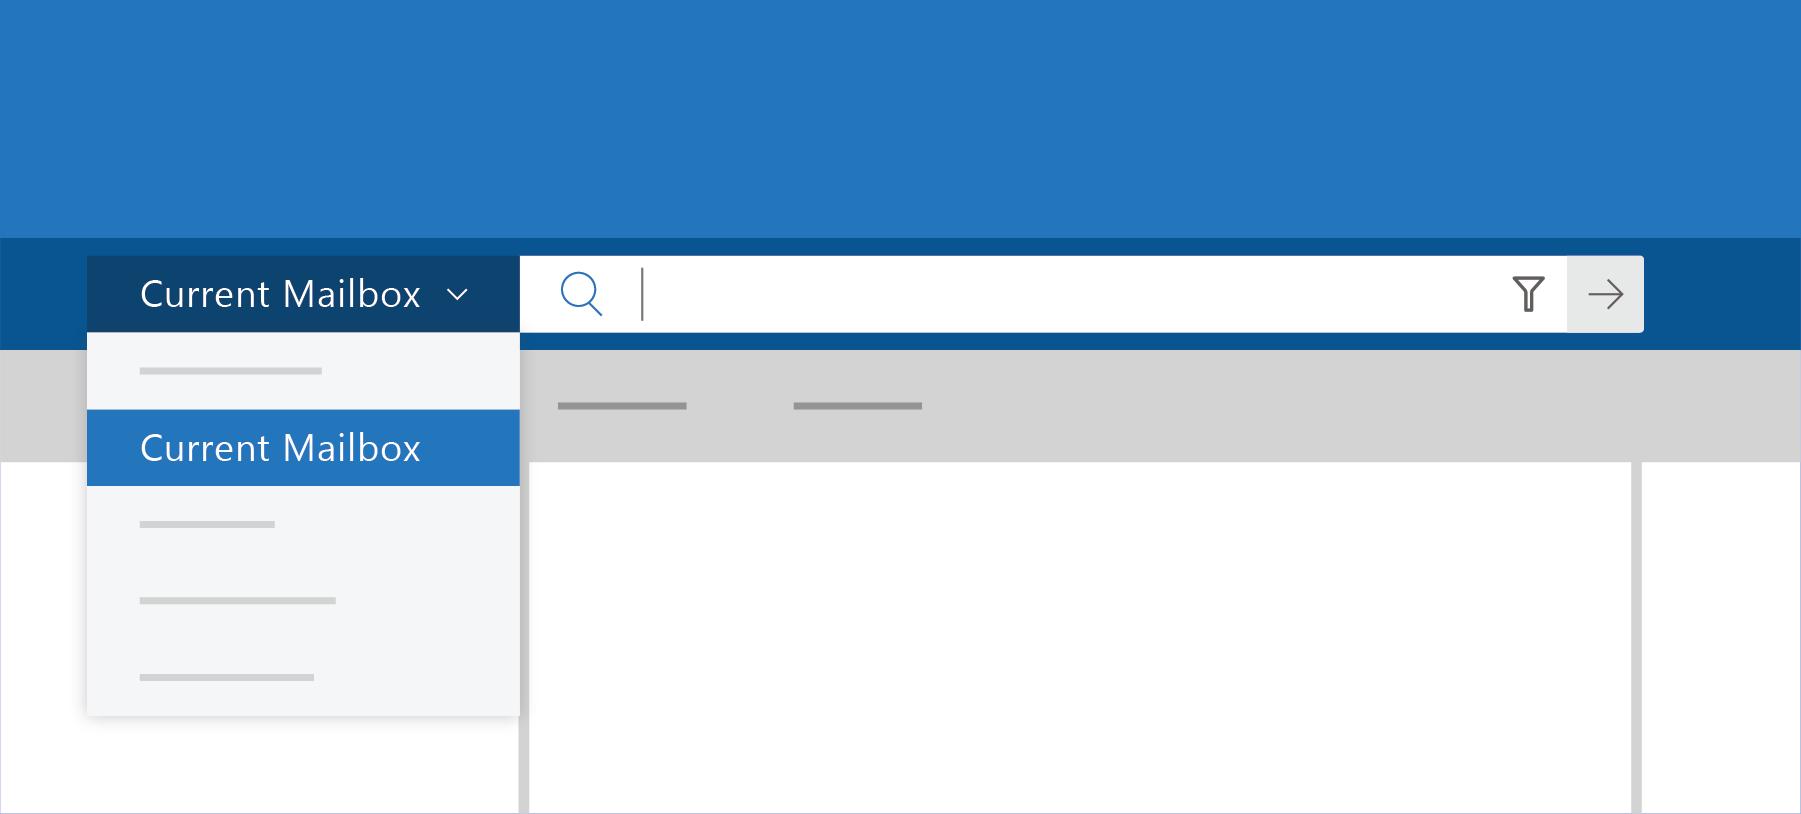 Tiek rādīta meklēšana Outlook